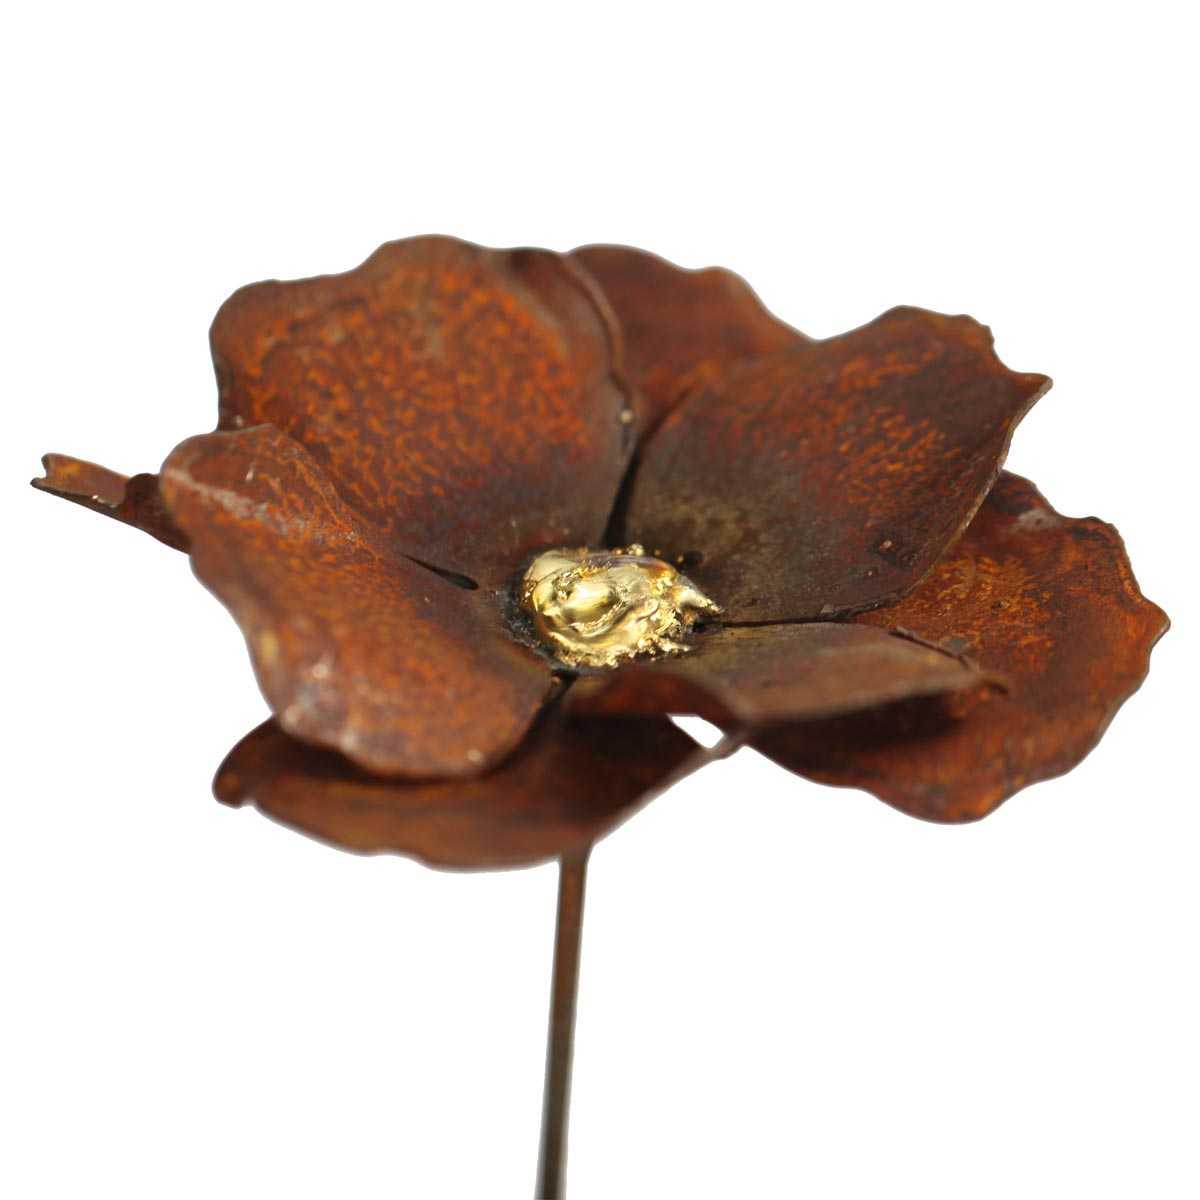 Planter Des Coquelicots Dans Son Jardin fleur de coquelicot à planter en métal rouillé